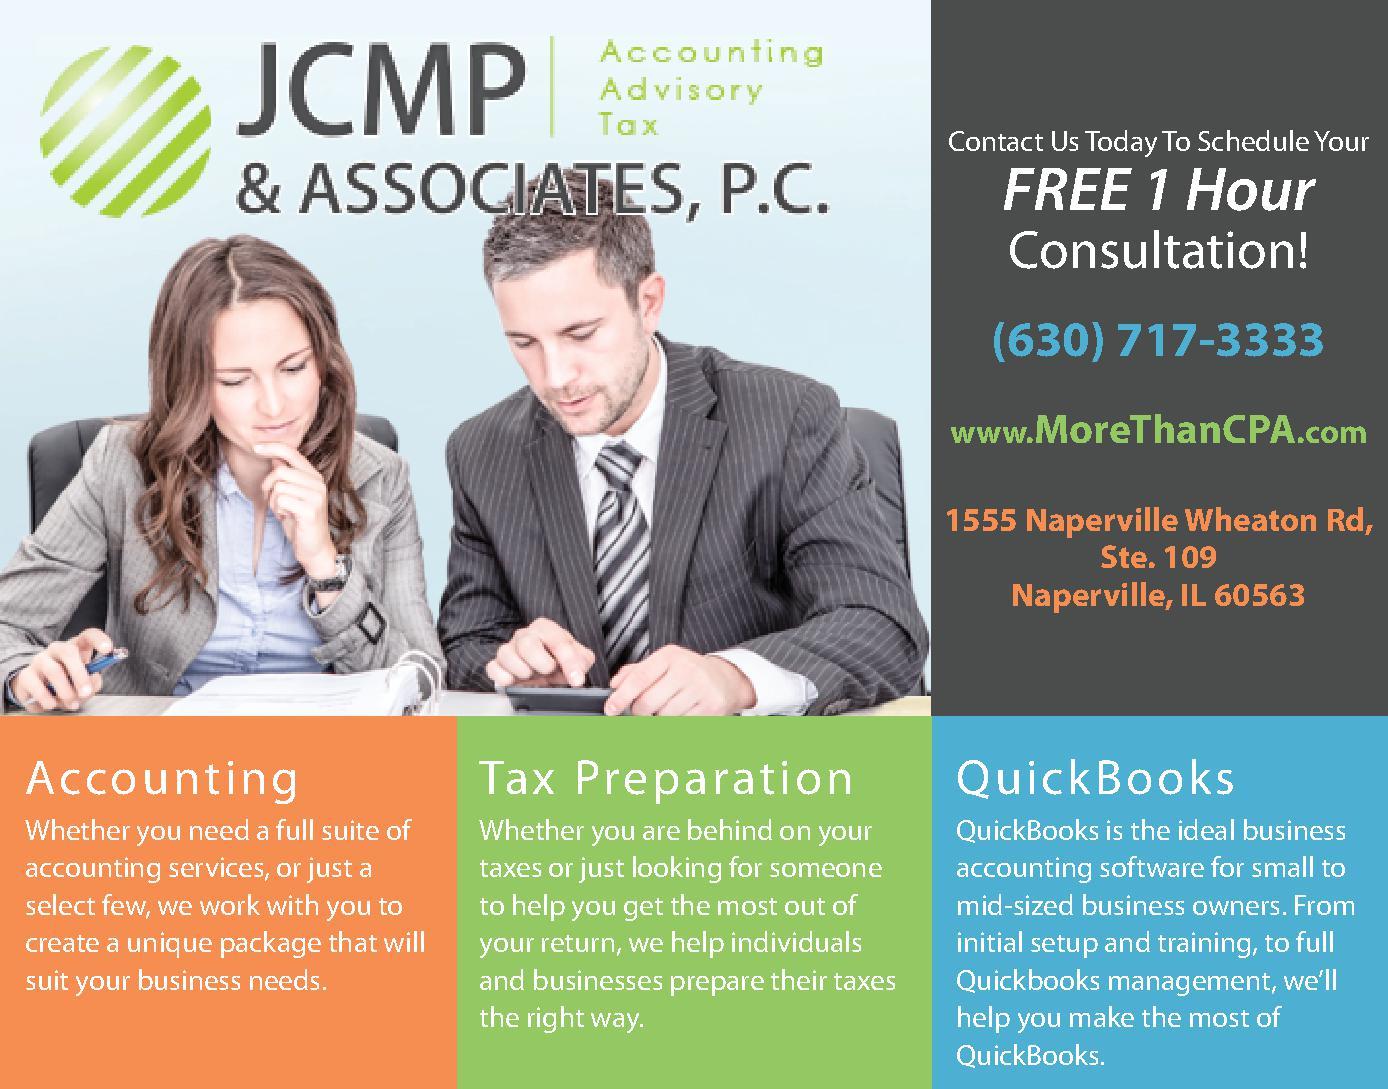 JCMP & Associates P.C.